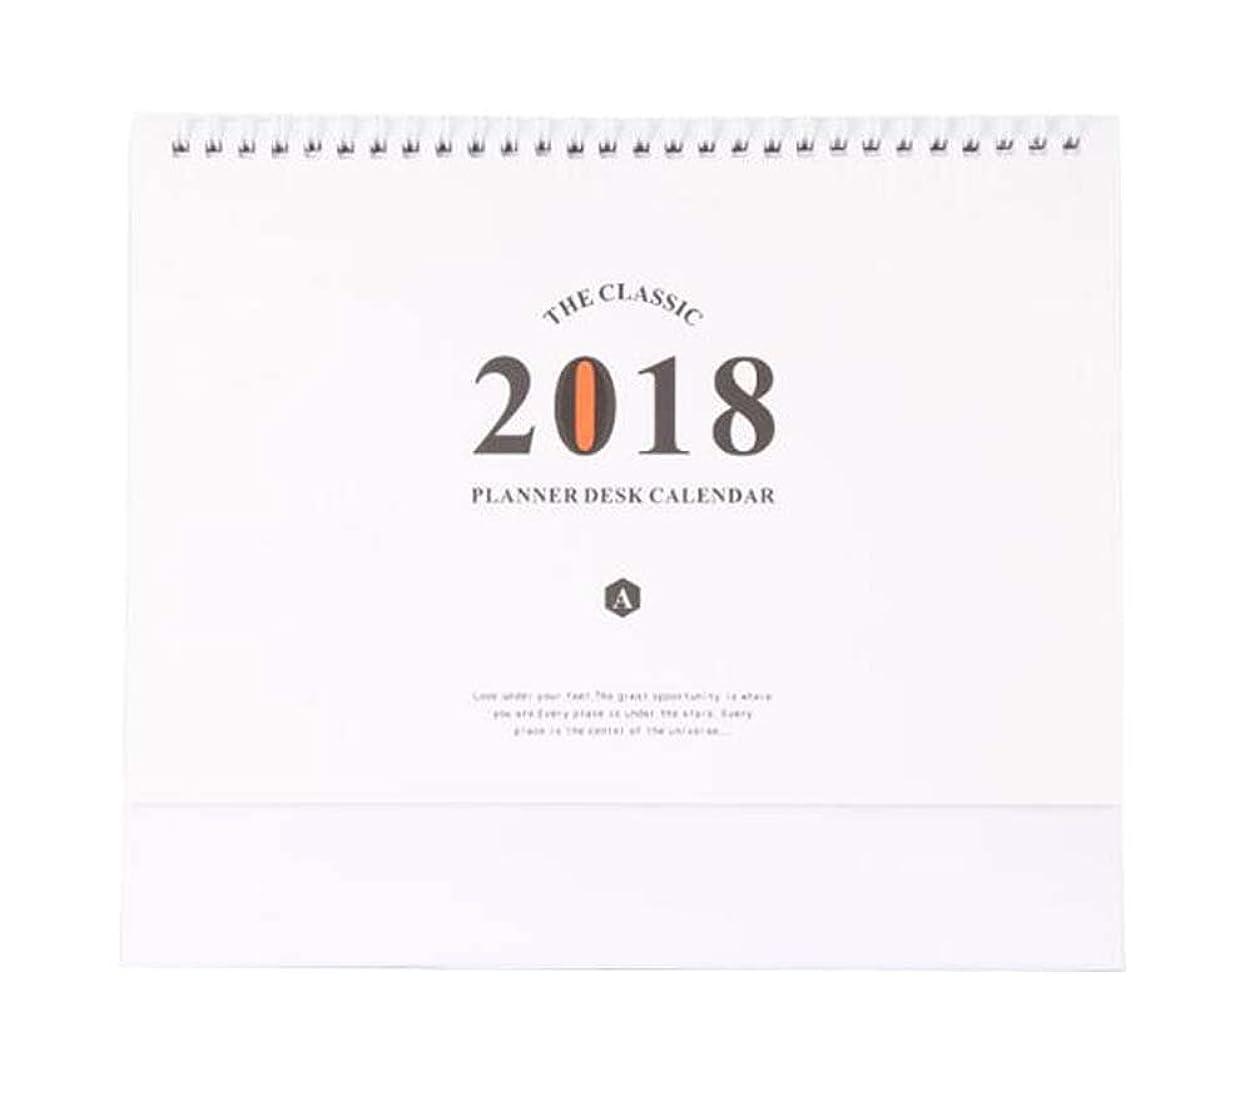 のためご飯フィットネス2018 Calendar毎月、毎週、毎日、ノートブックデスクカレンダー - ホワイト